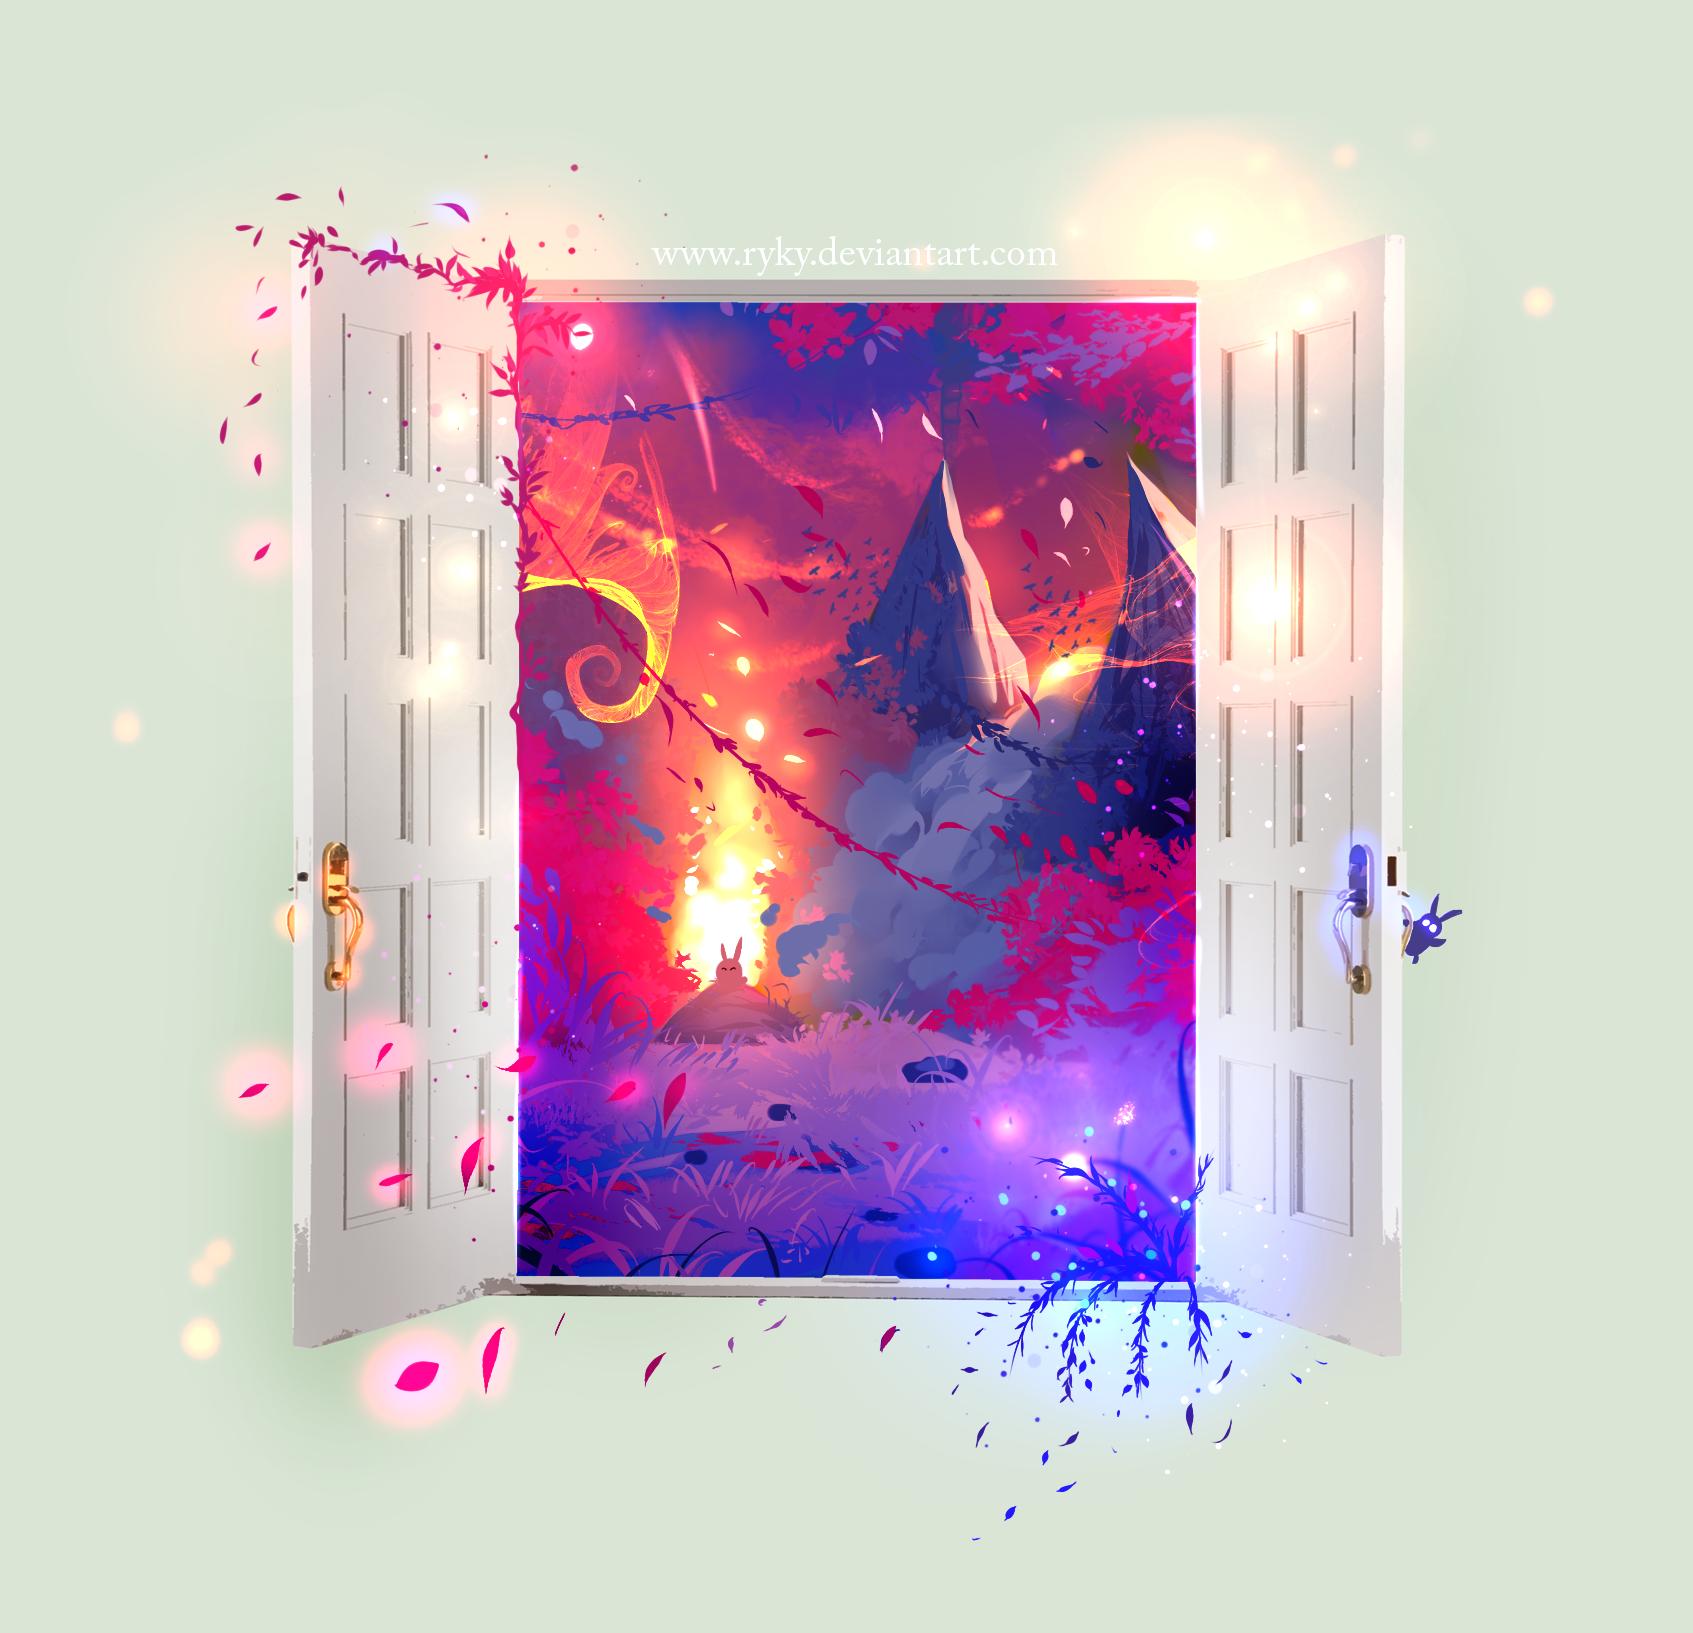 Magic Door by ryky Magic Door by ryky  sc 1 st  ryky - DeviantArt & Magic Door by ryky on DeviantArt pezcame.com